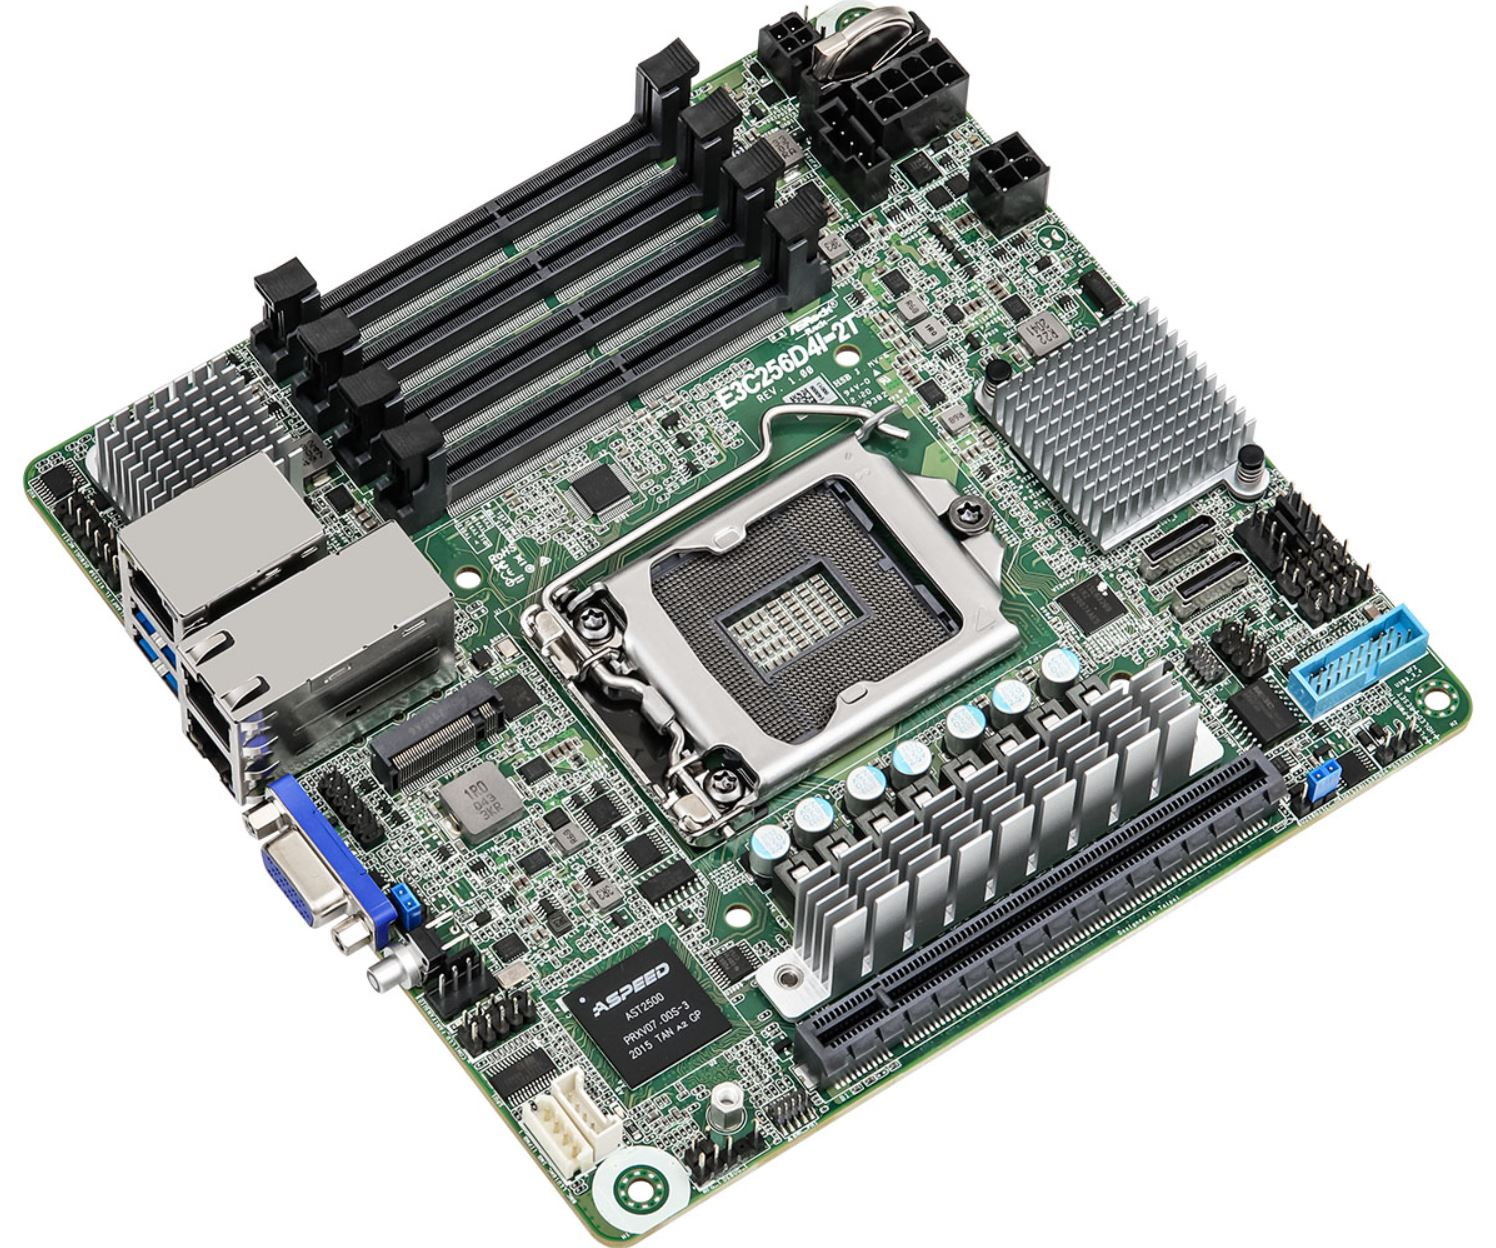 ASRock Rack E3C256D4I 2T MITX Motherboard Three Quarter